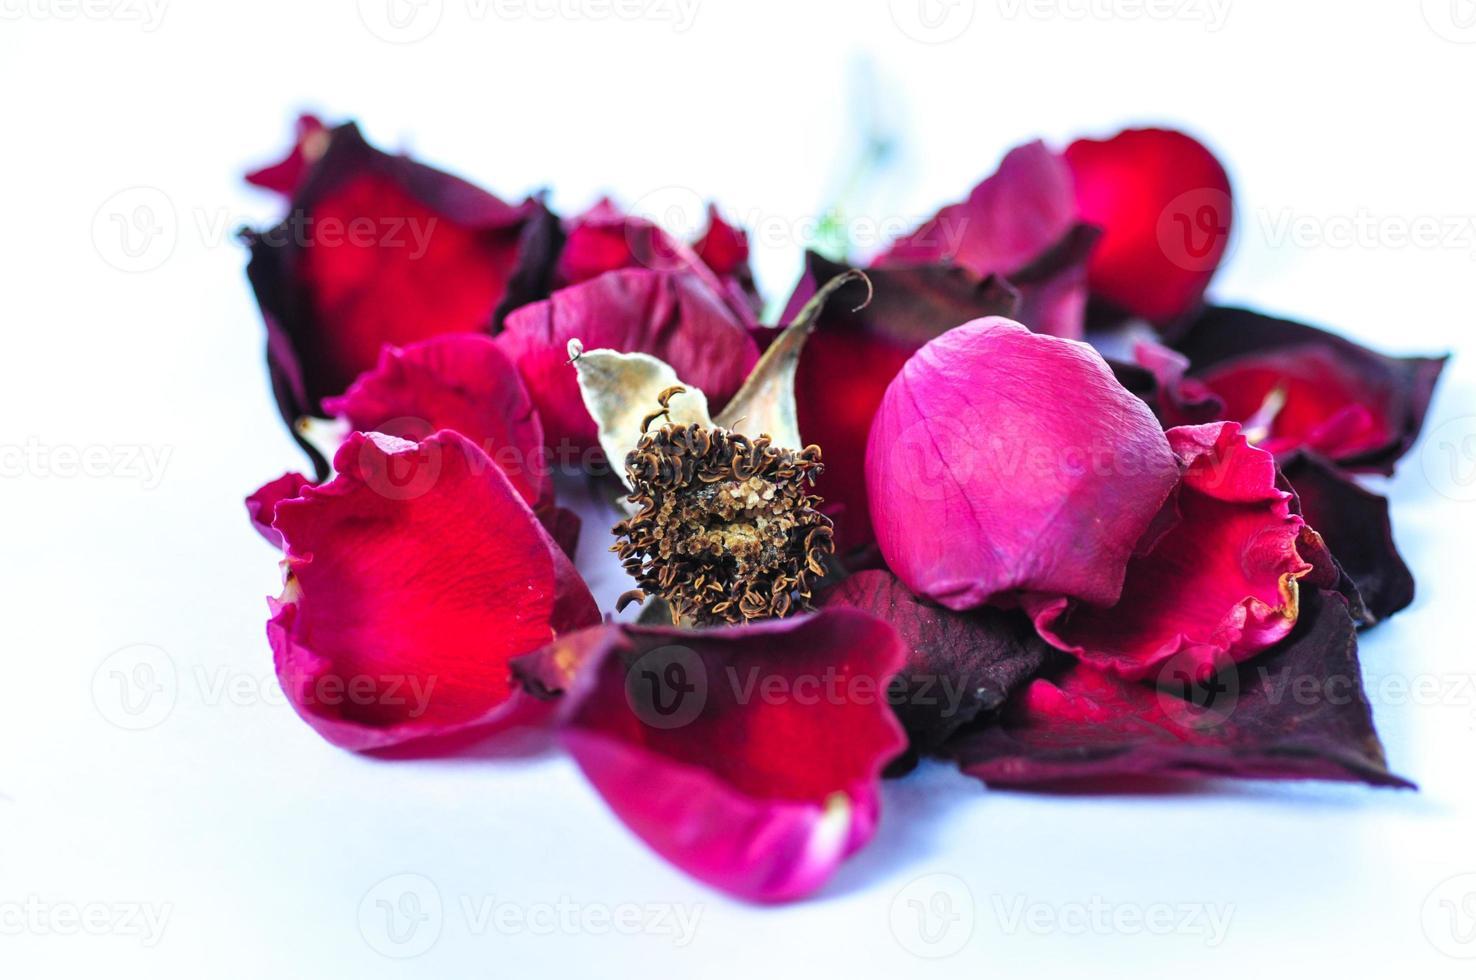 vicino rosa rossa foto